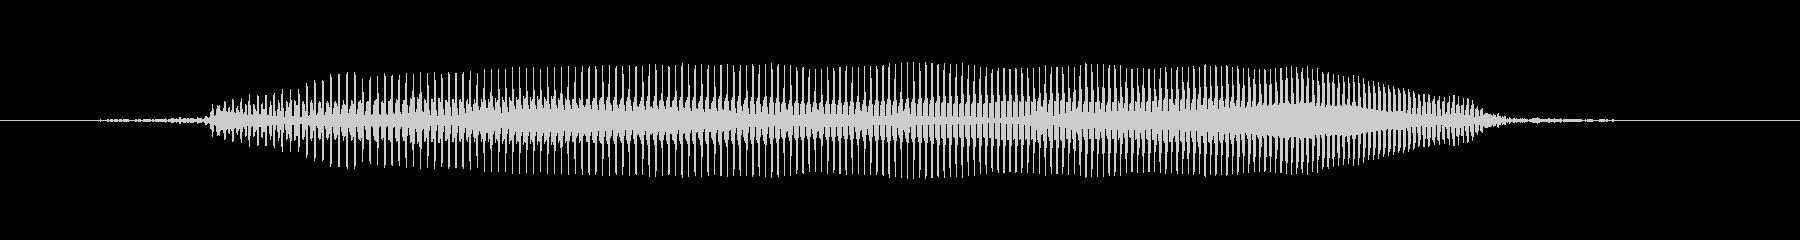 ほーお(疑って)の未再生の波形